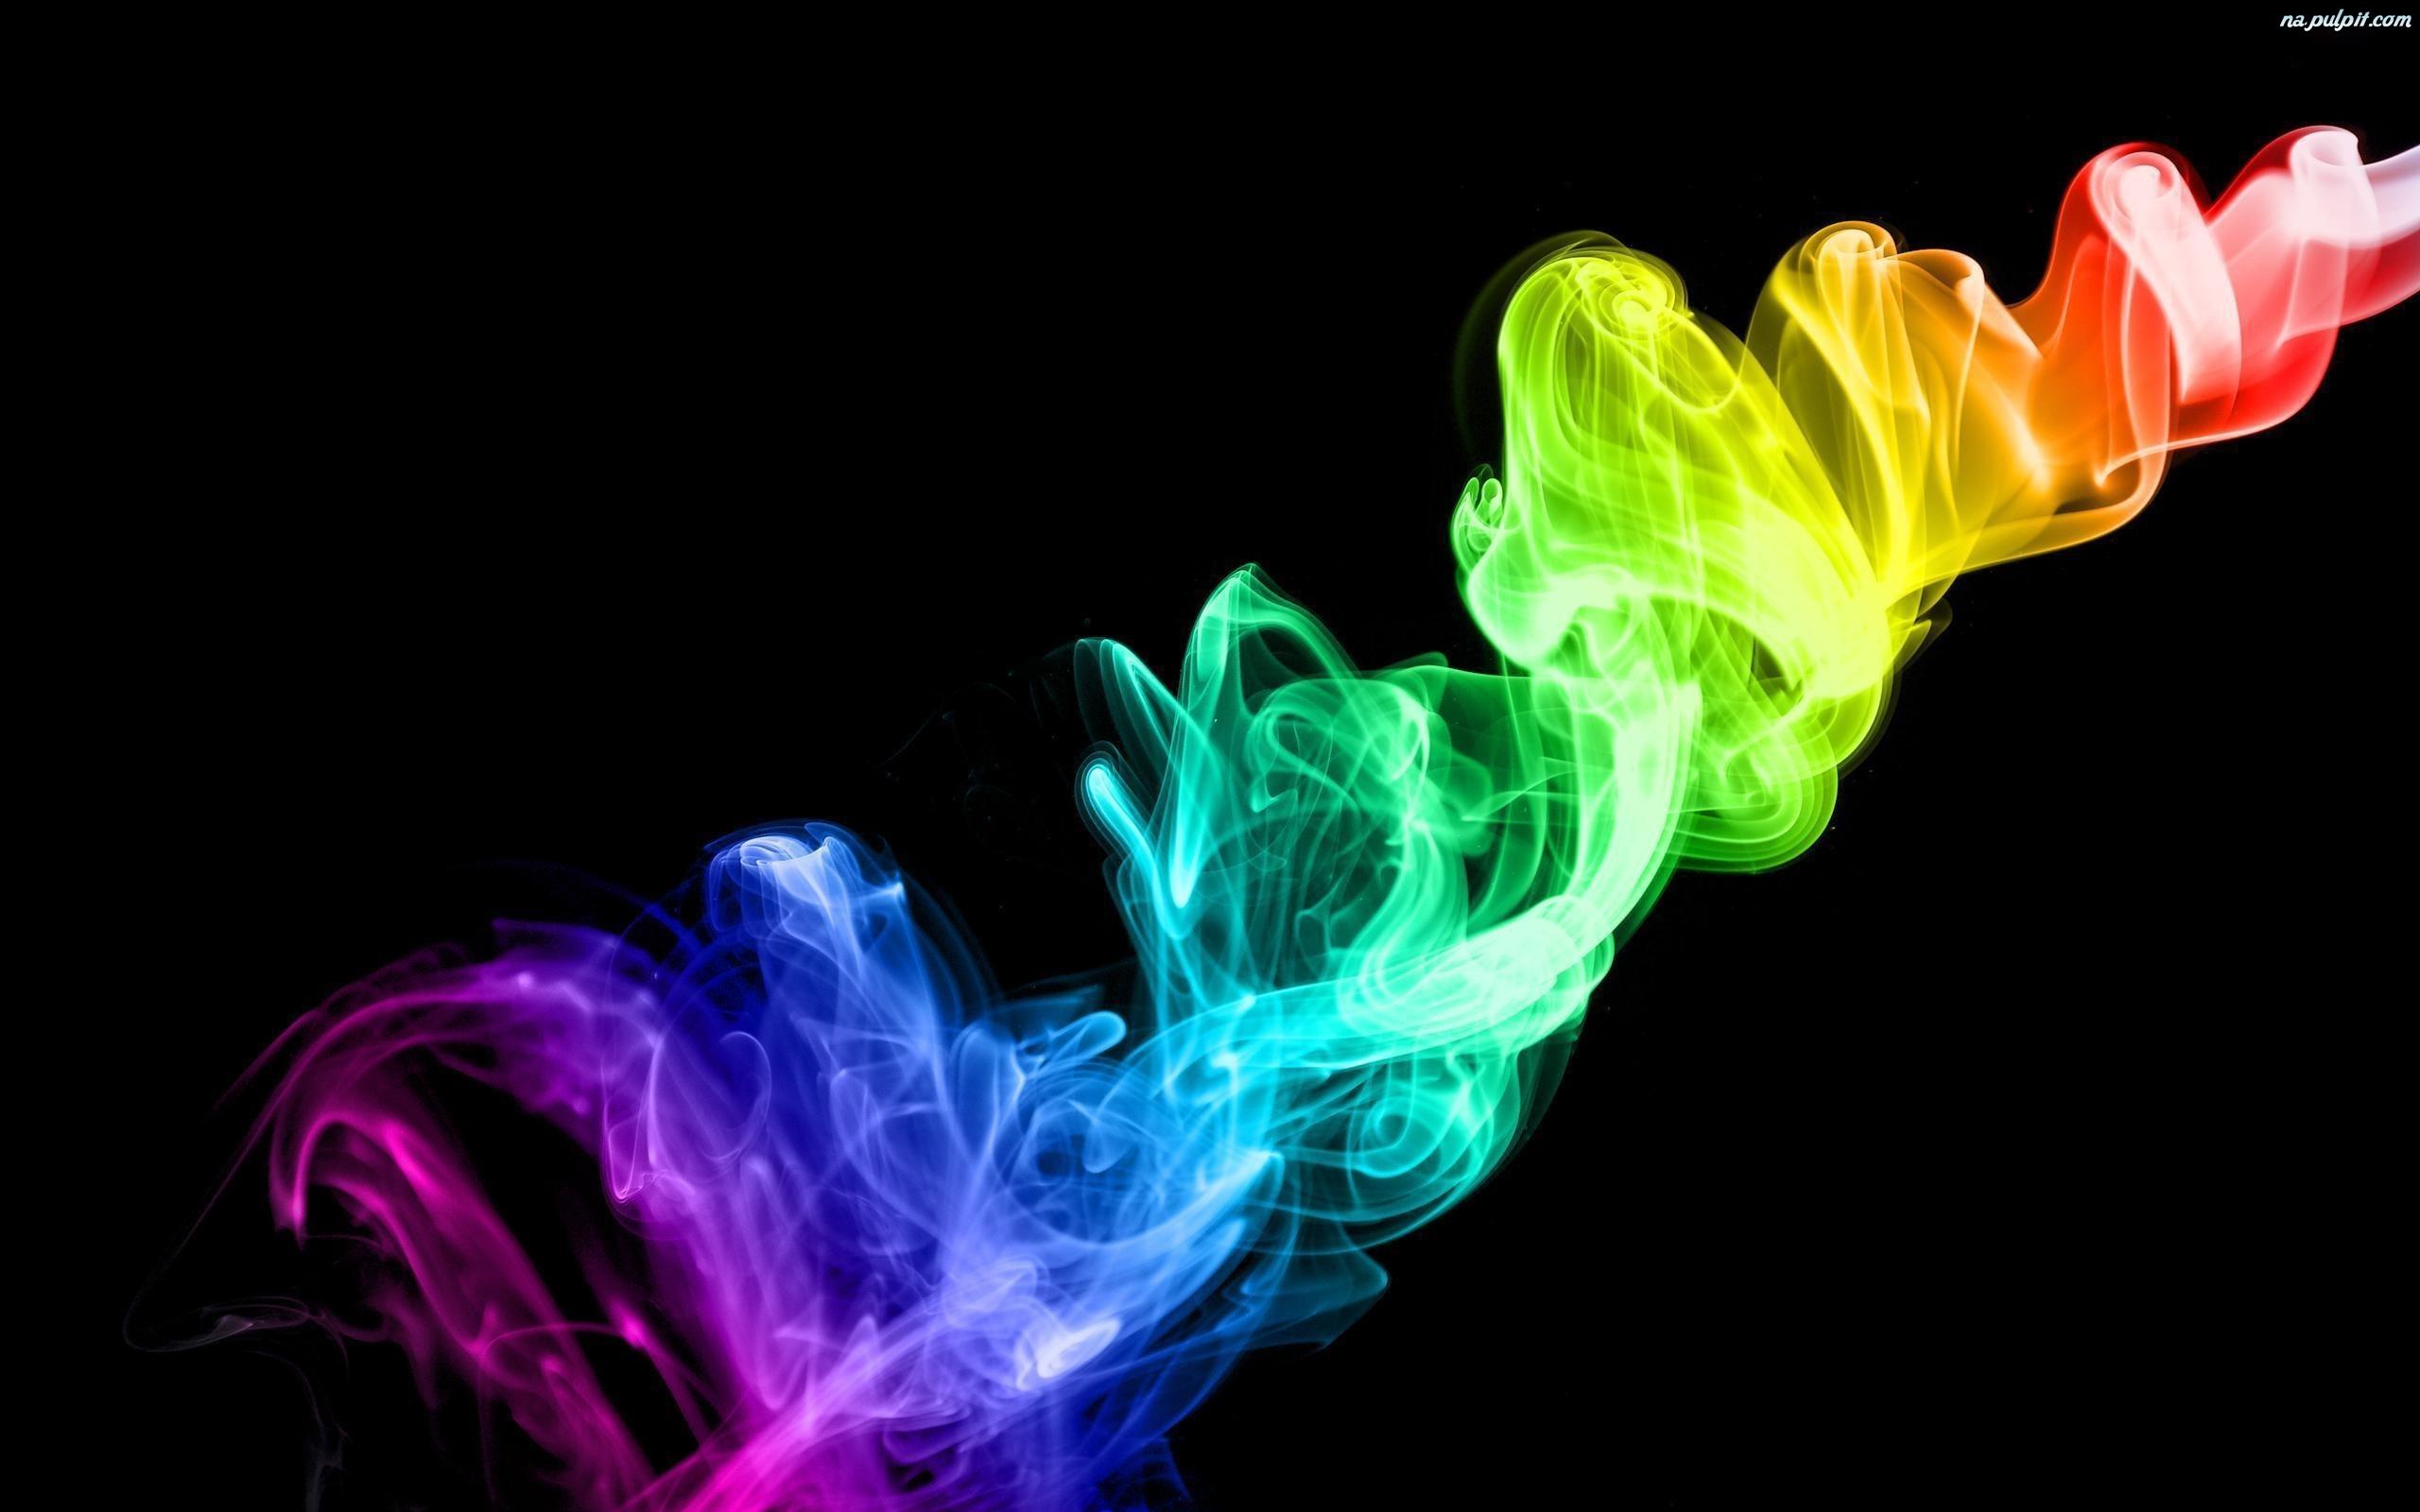 Tcza Kolorowy Dym Na Pulpit 2560x1600